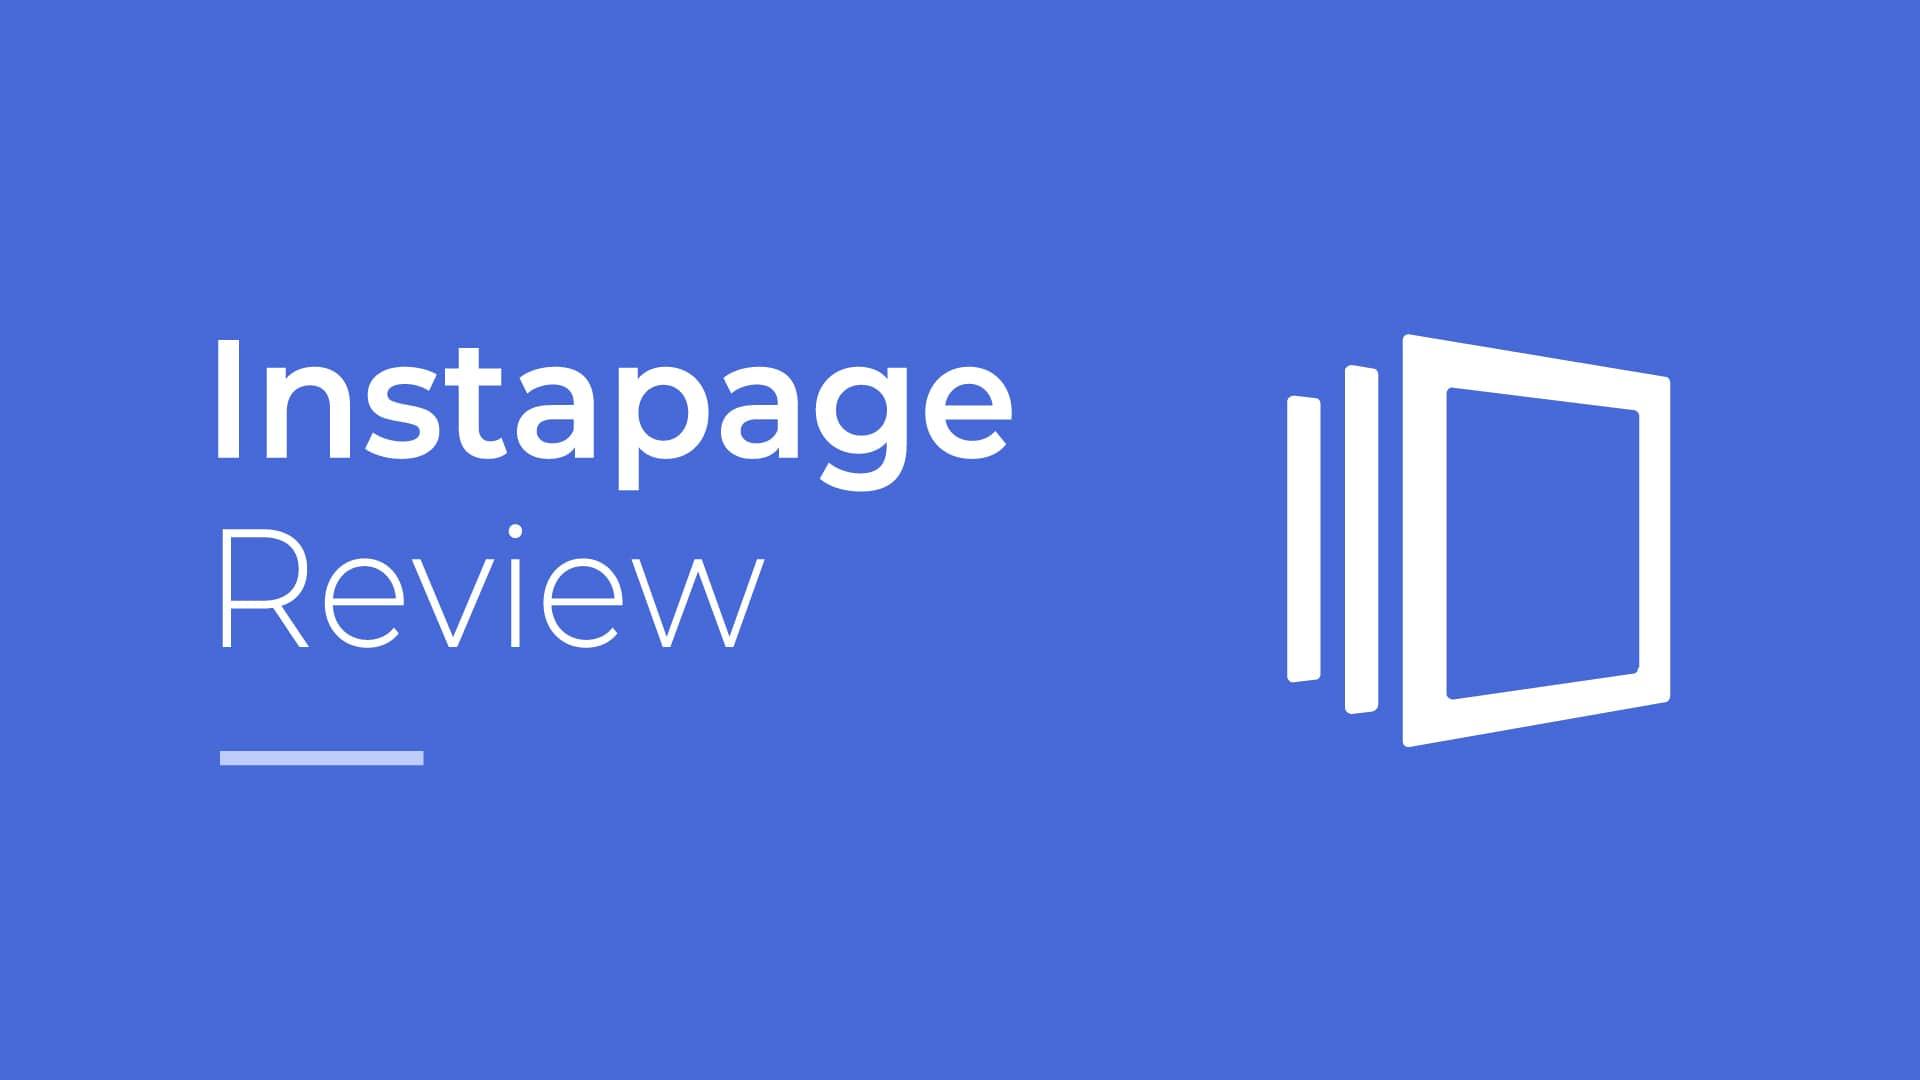 Przegląd Instapage: usługa optymalizacji konwersji premium